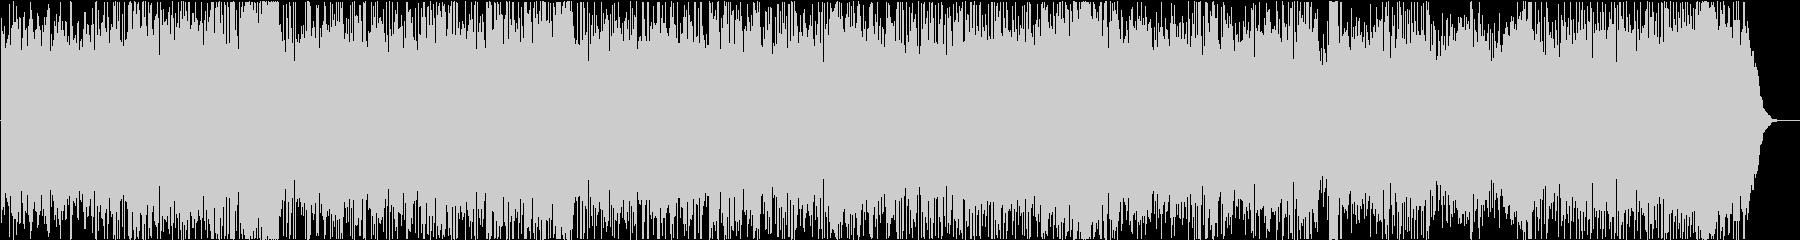 ラテン調のジャズワルツBGMの未再生の波形